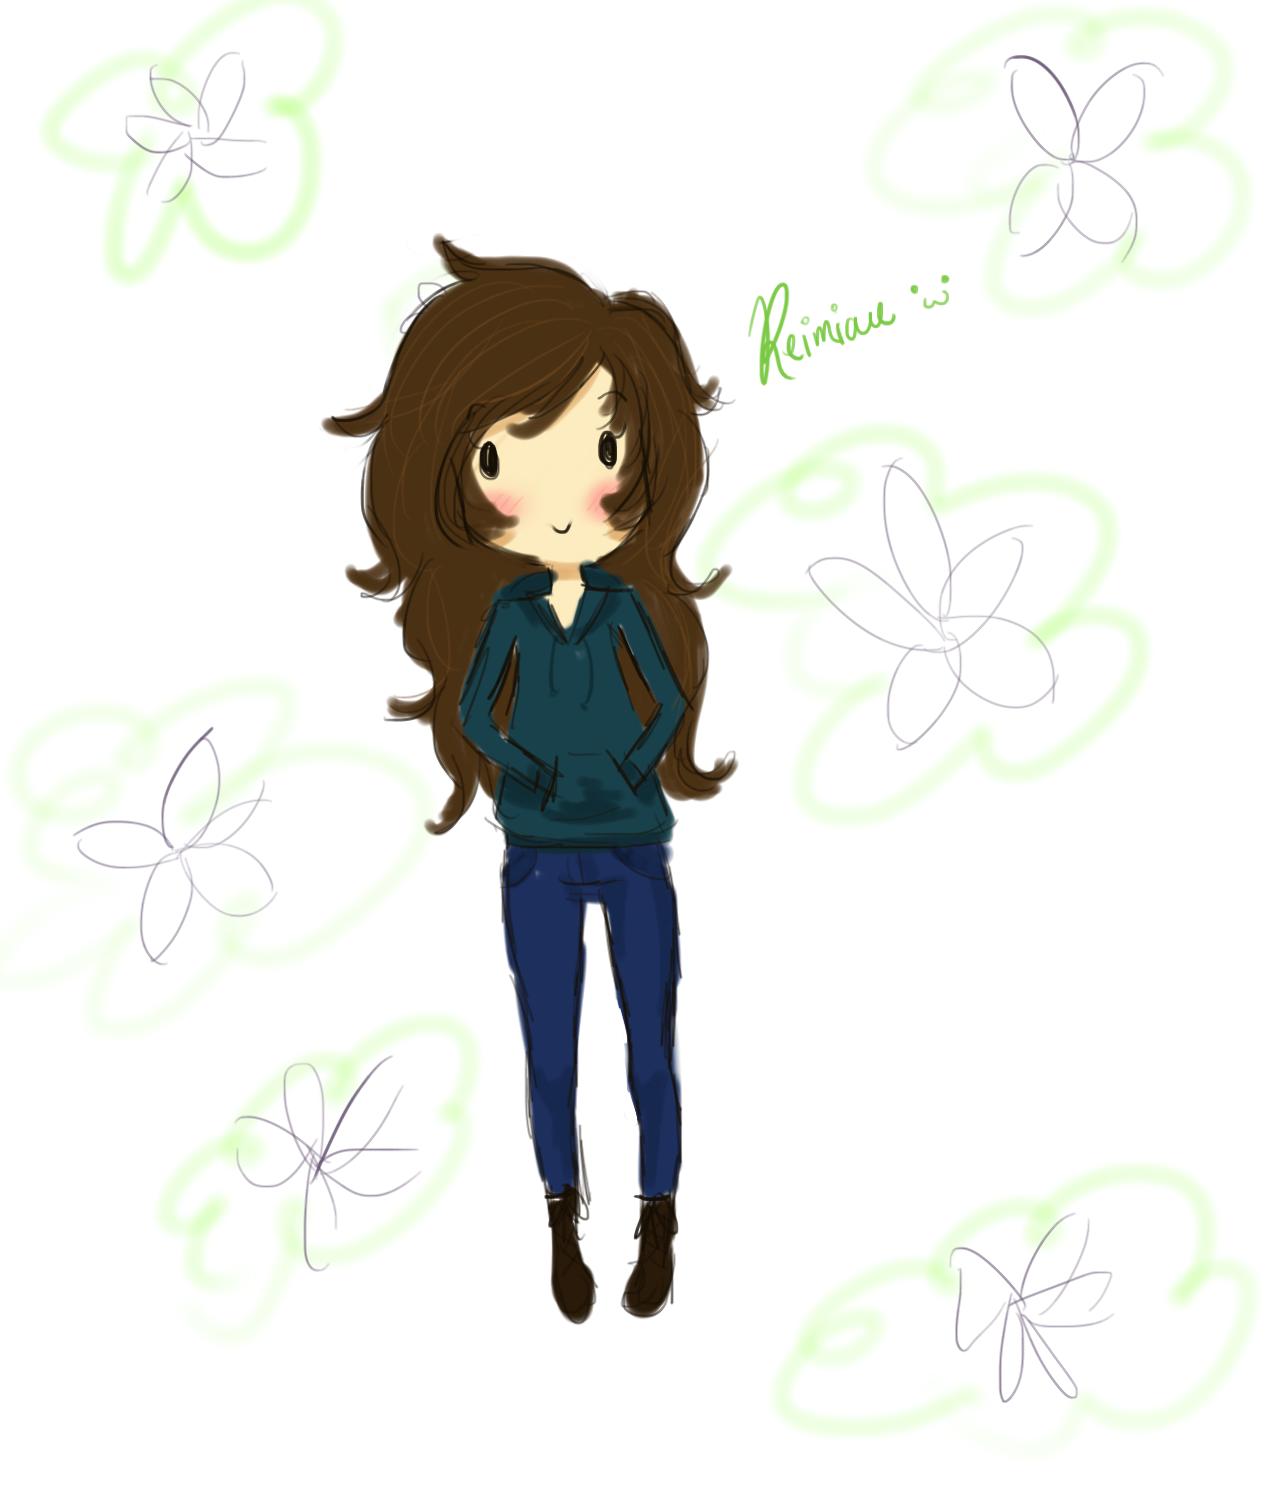 reimiau's Profile Picture